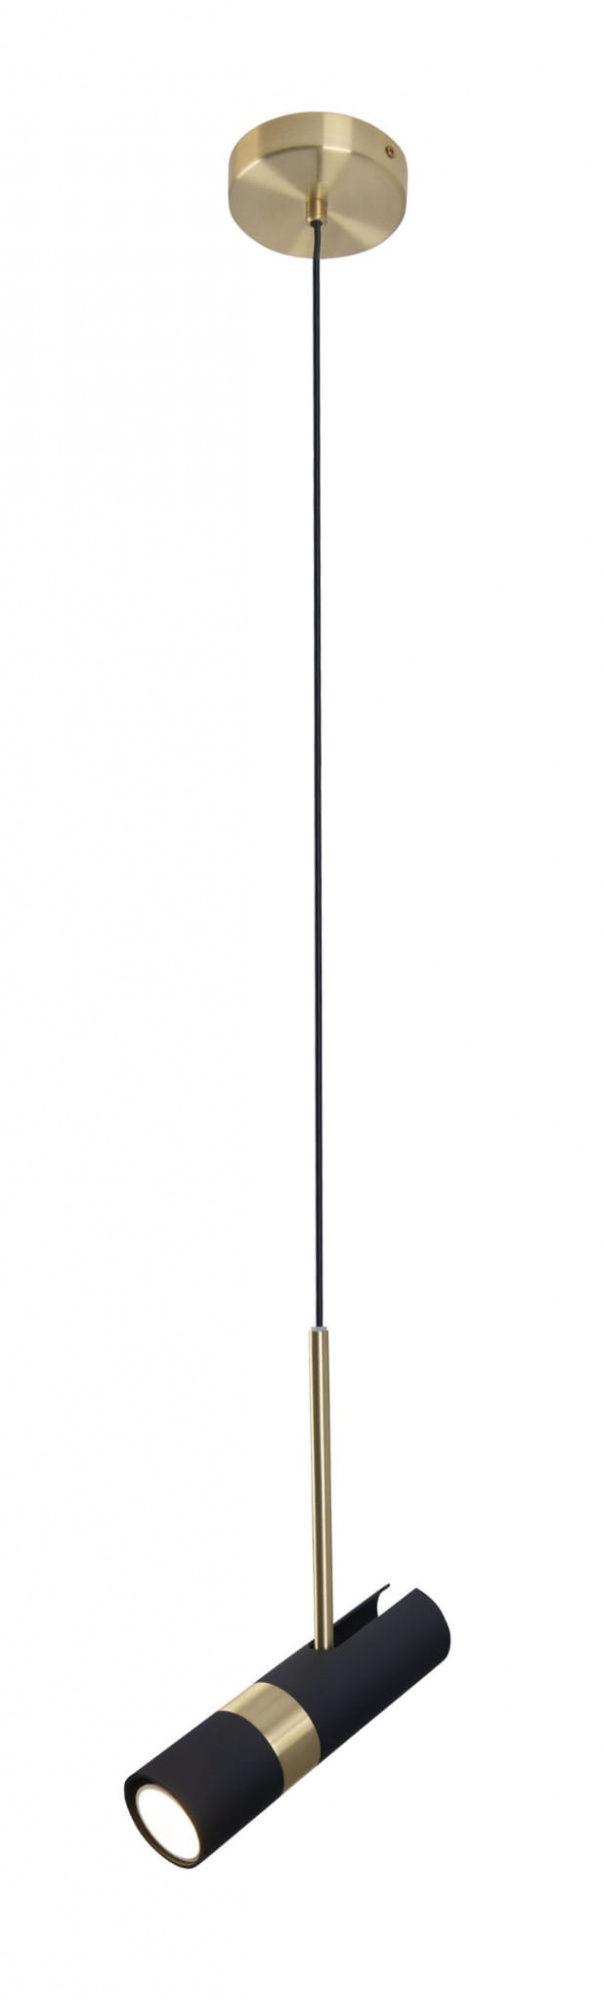 Lampa wisząca PUMA P0408 MAXlight czarno-złota oprawa w stylu nowoczesnym